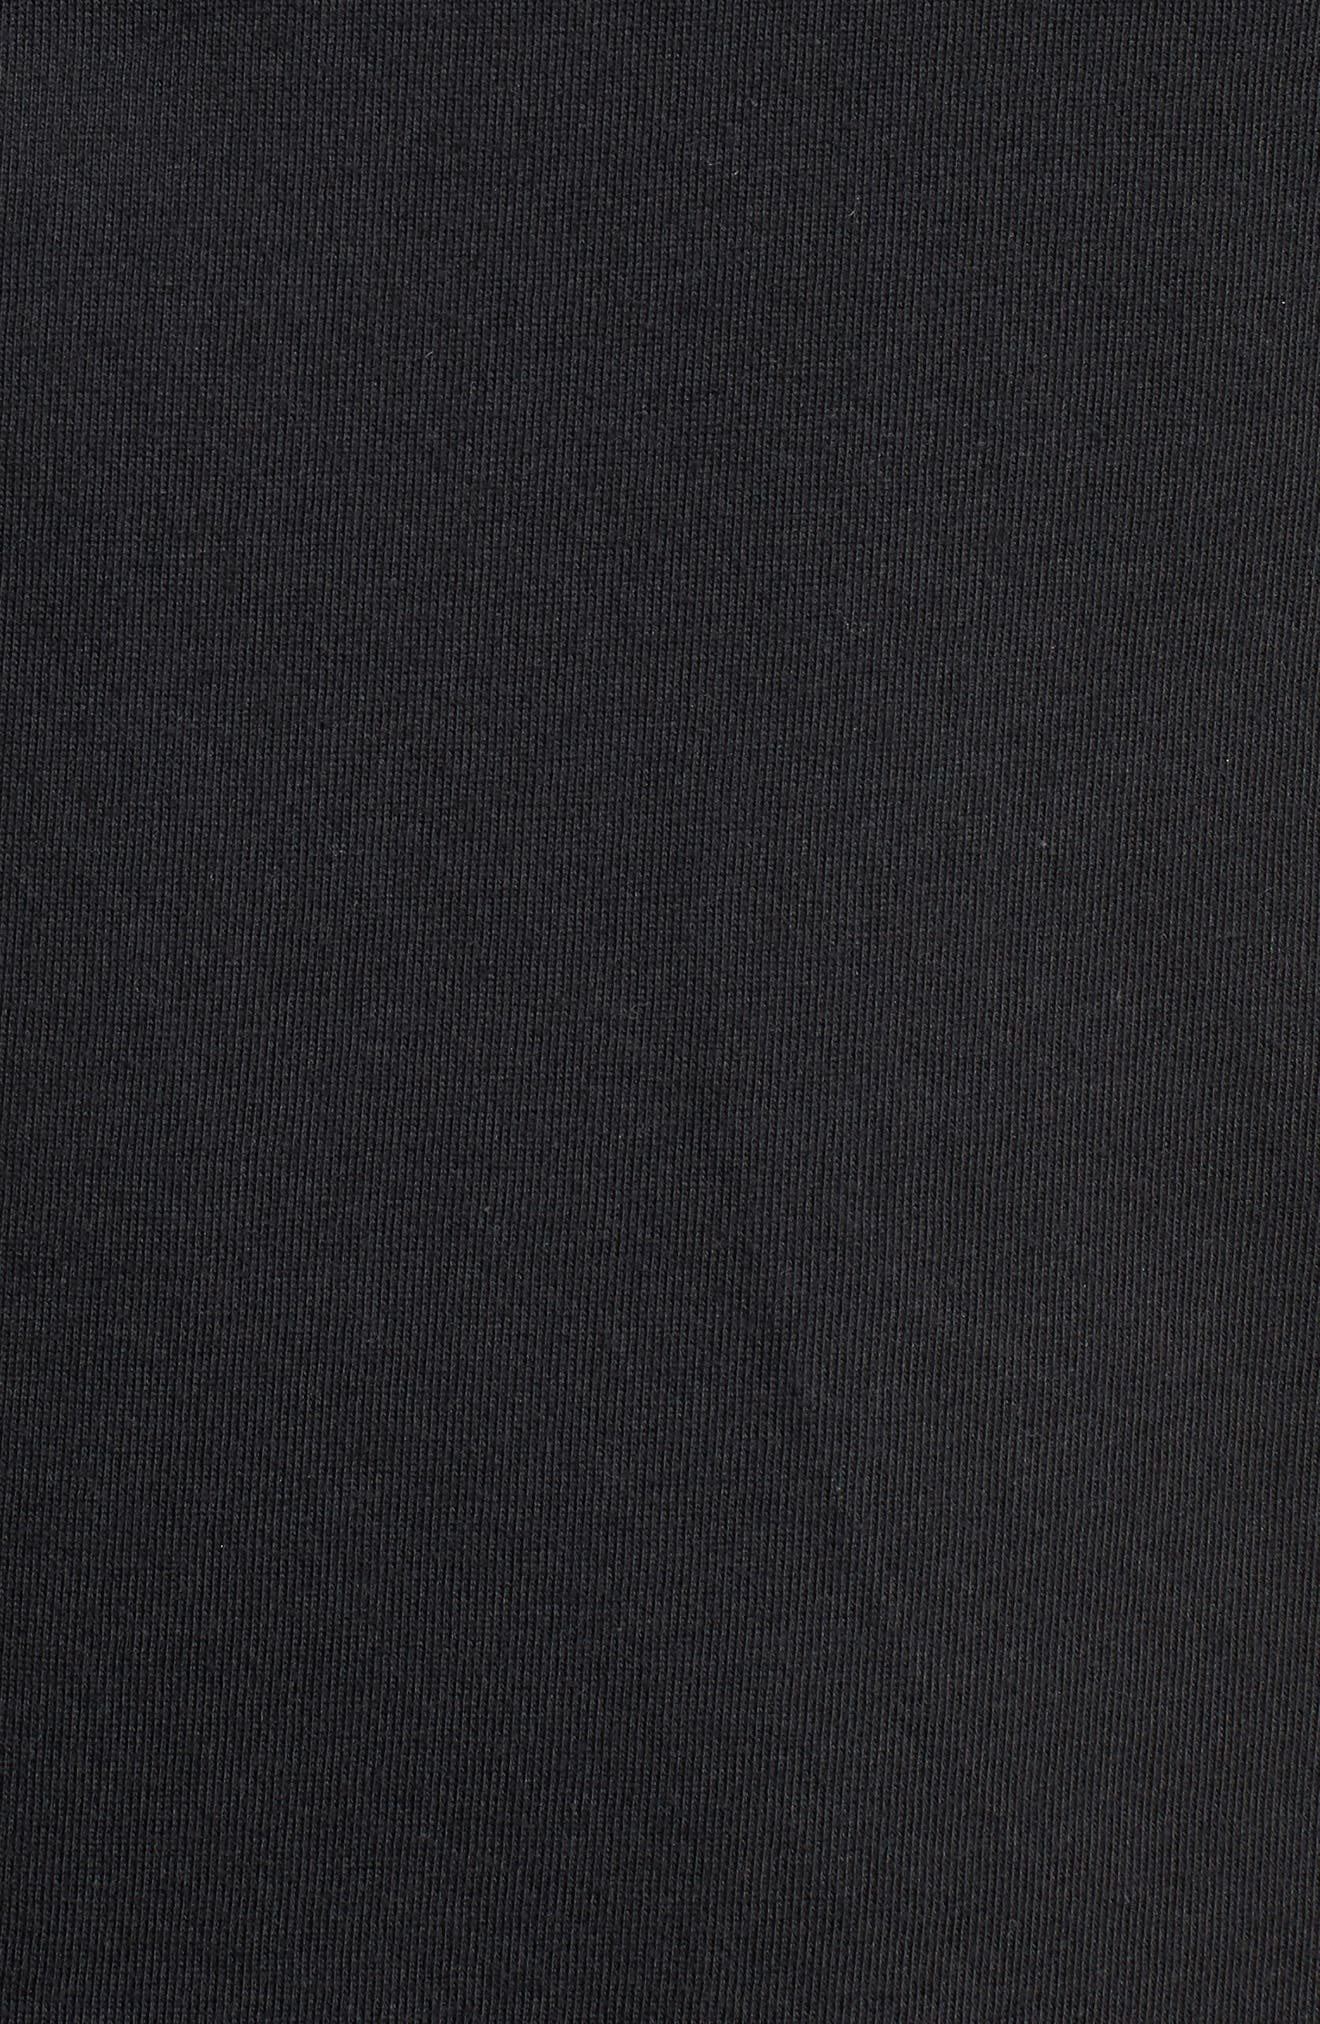 Dry Hoops T-Shirt,                             Alternate thumbnail 5, color,                             Black/ White